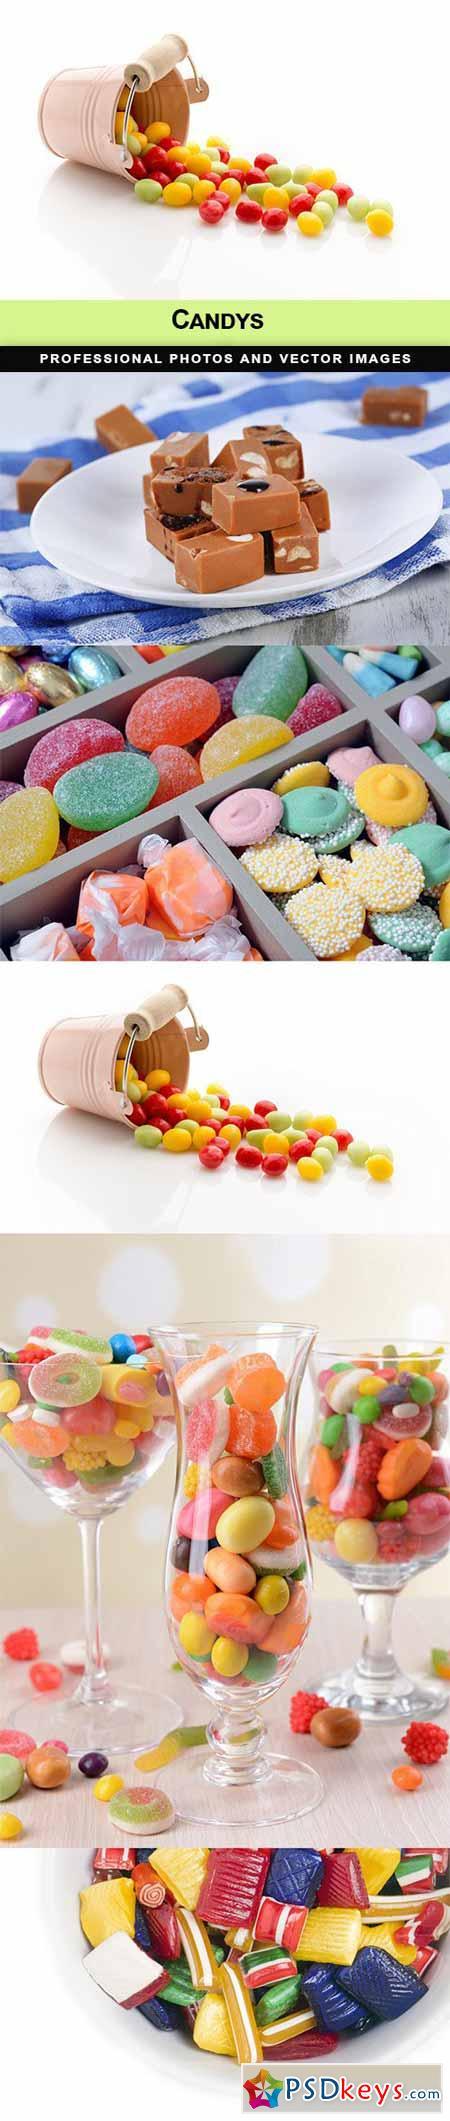 Candys - 5 UHQ JPEG